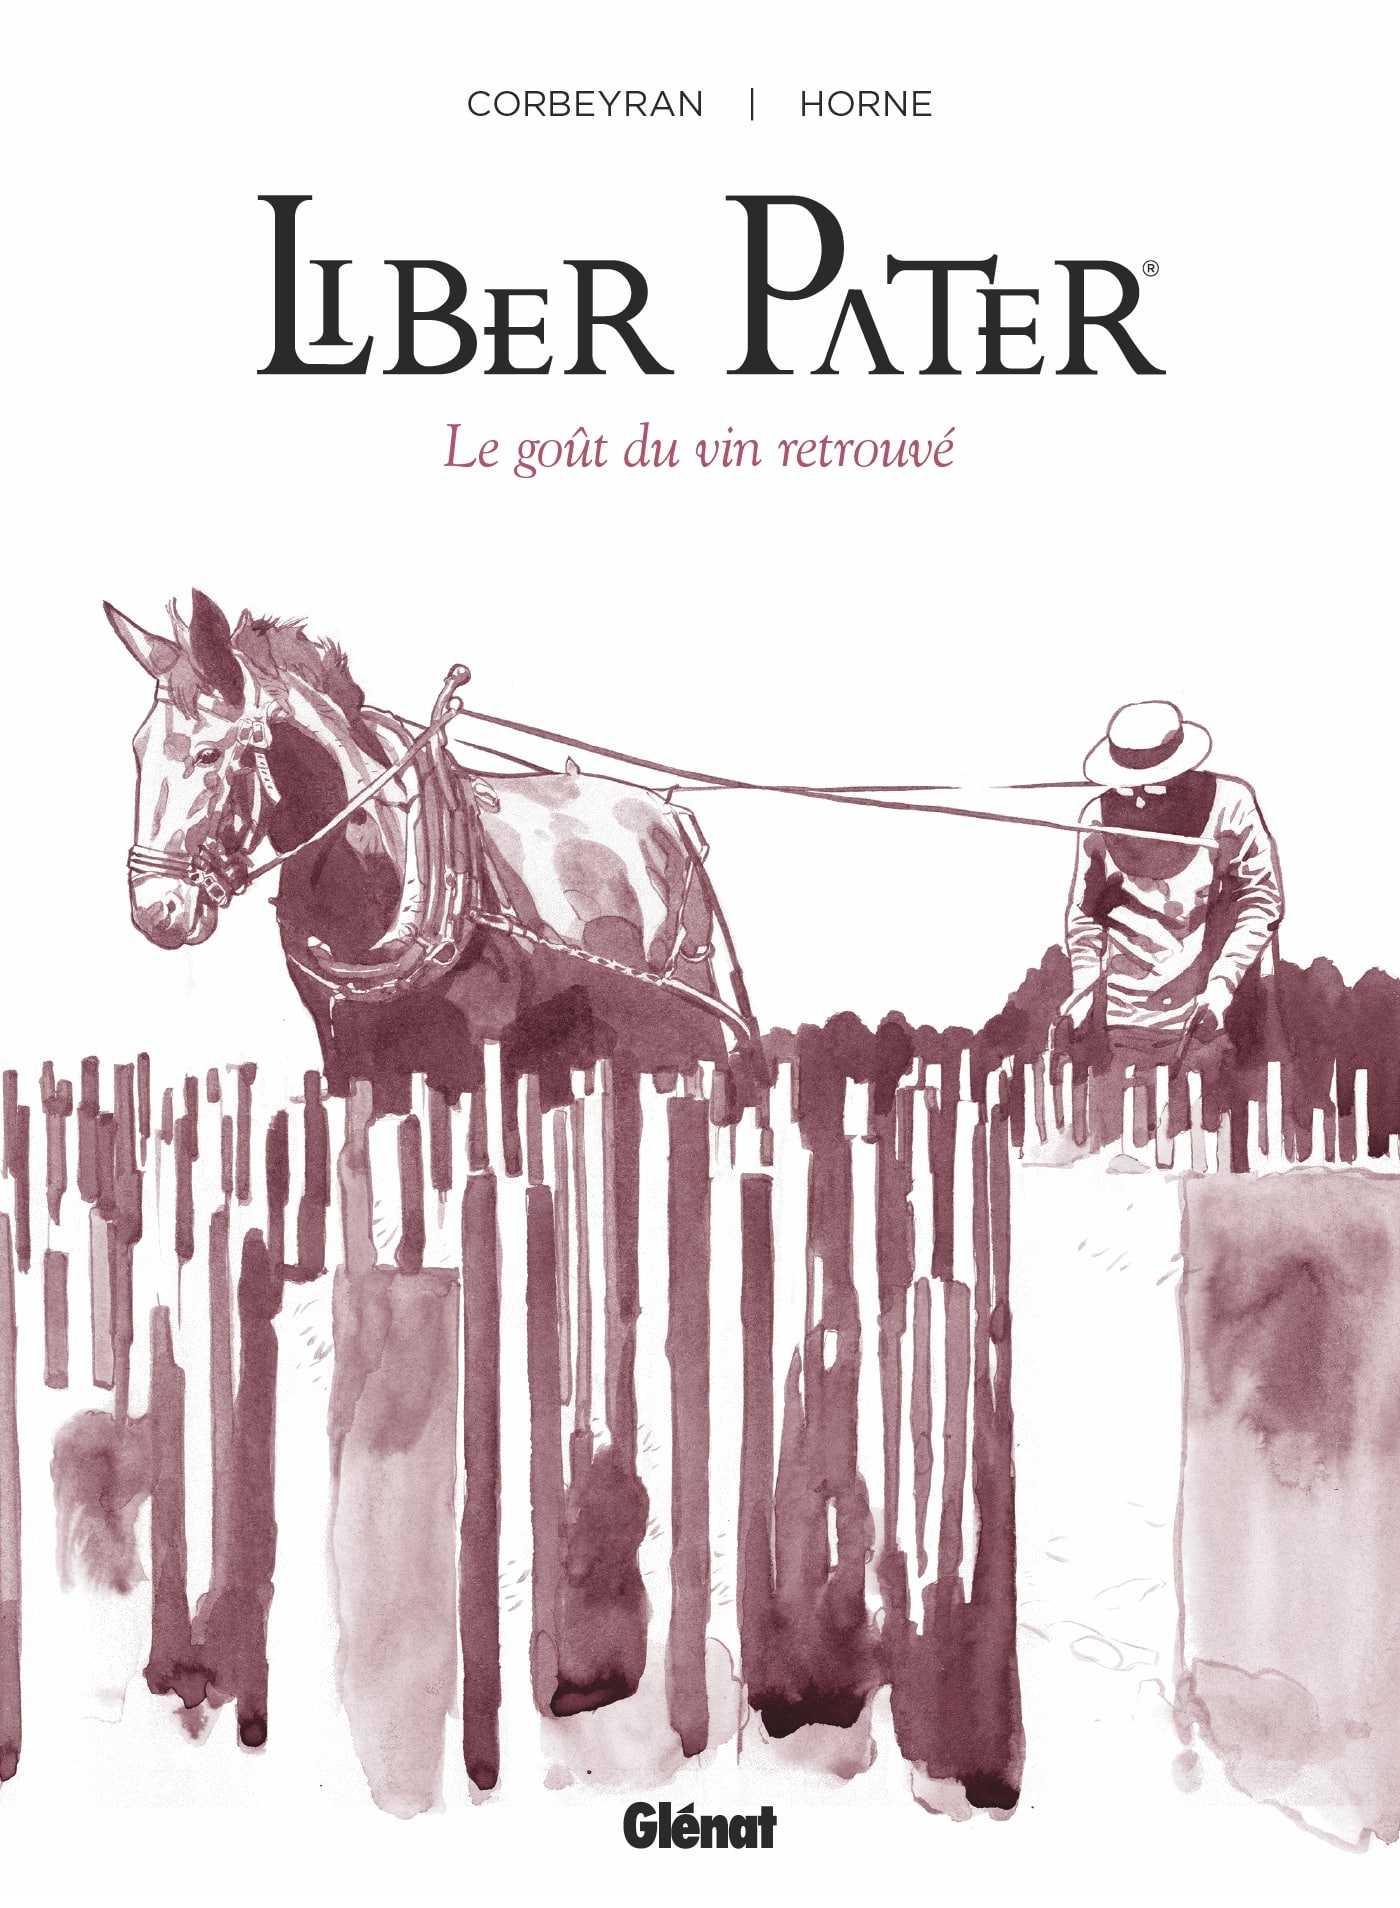 Liber Pater, une belle cuvée à l'histoire insolite qui dépasse les sommets